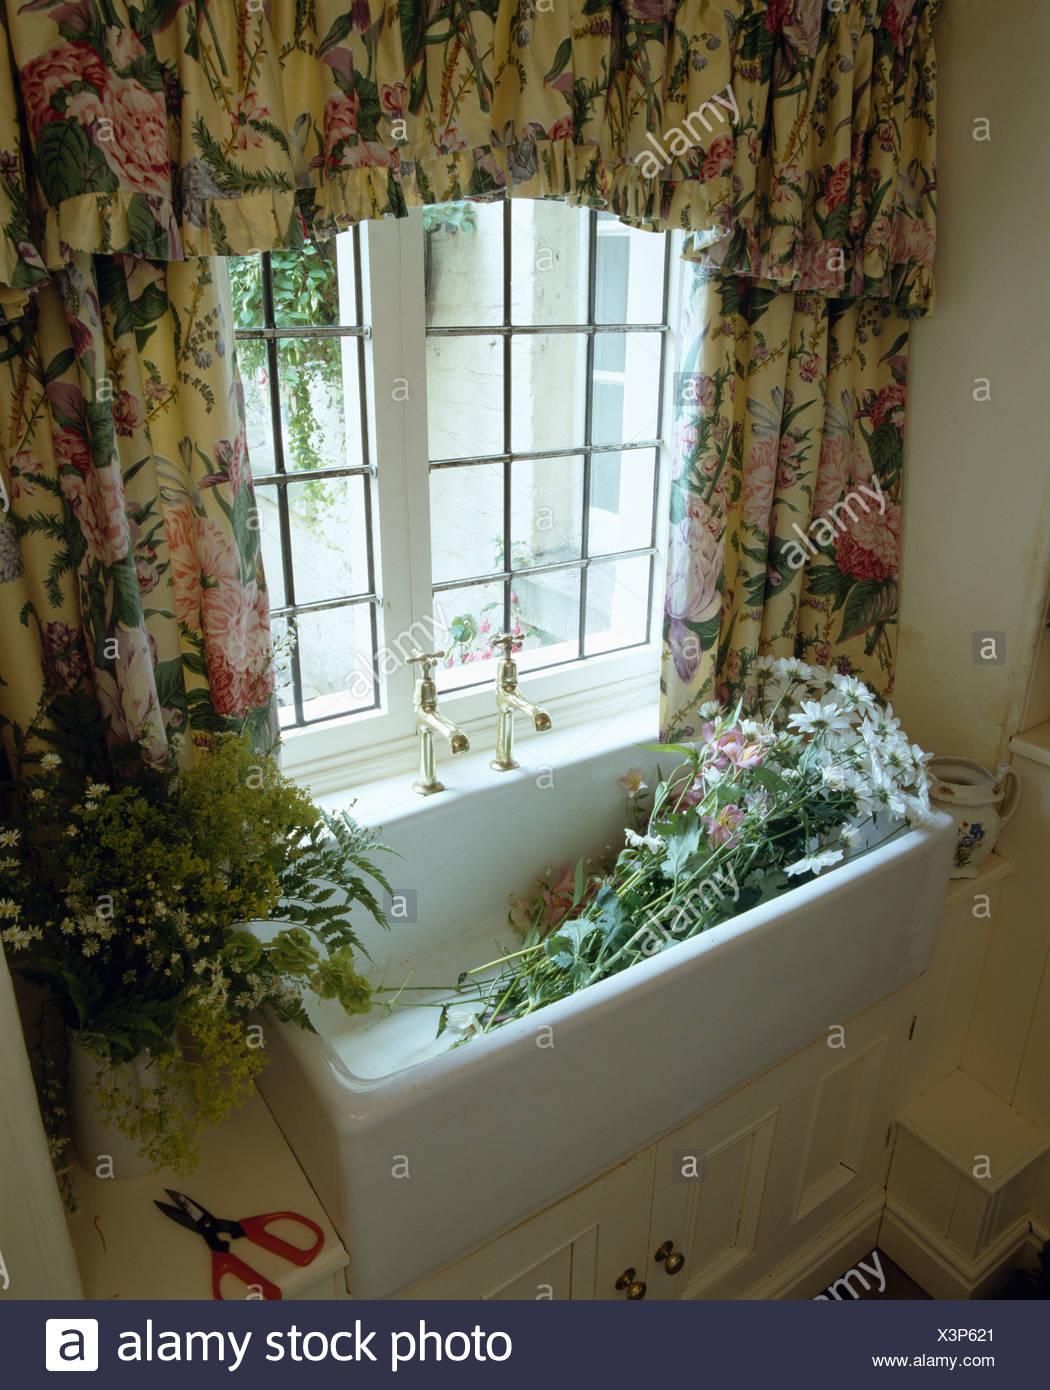 Full Size of Küchenfenster Gardinen Blumen Im Waschbecken Unter Fenster Mit Floral Stockfoto Wohnzimmer Für Küche Schlafzimmer Die Scheibengardinen Wohnzimmer Küchenfenster Gardinen